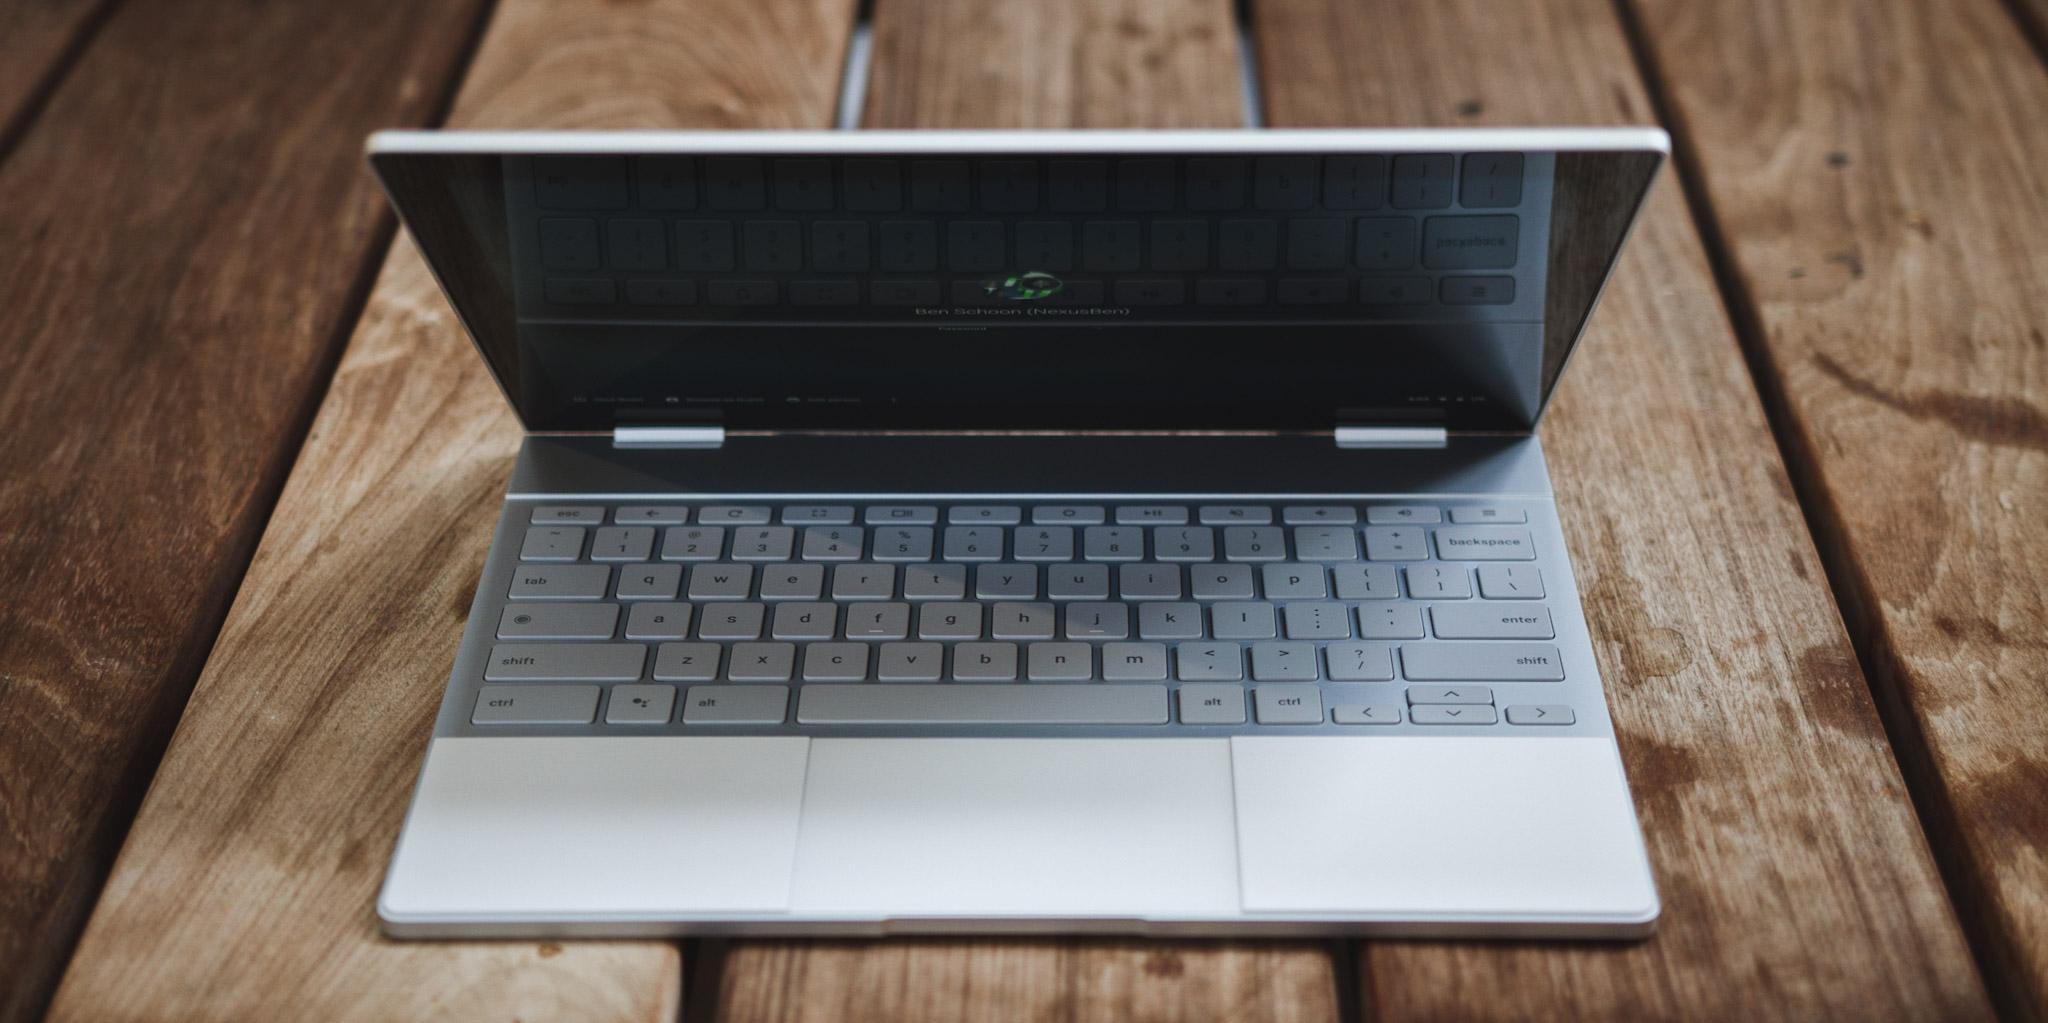 2019 Best Chromebook Best Chromebooks — Google, Lenovo, Acer, more   9to5Google